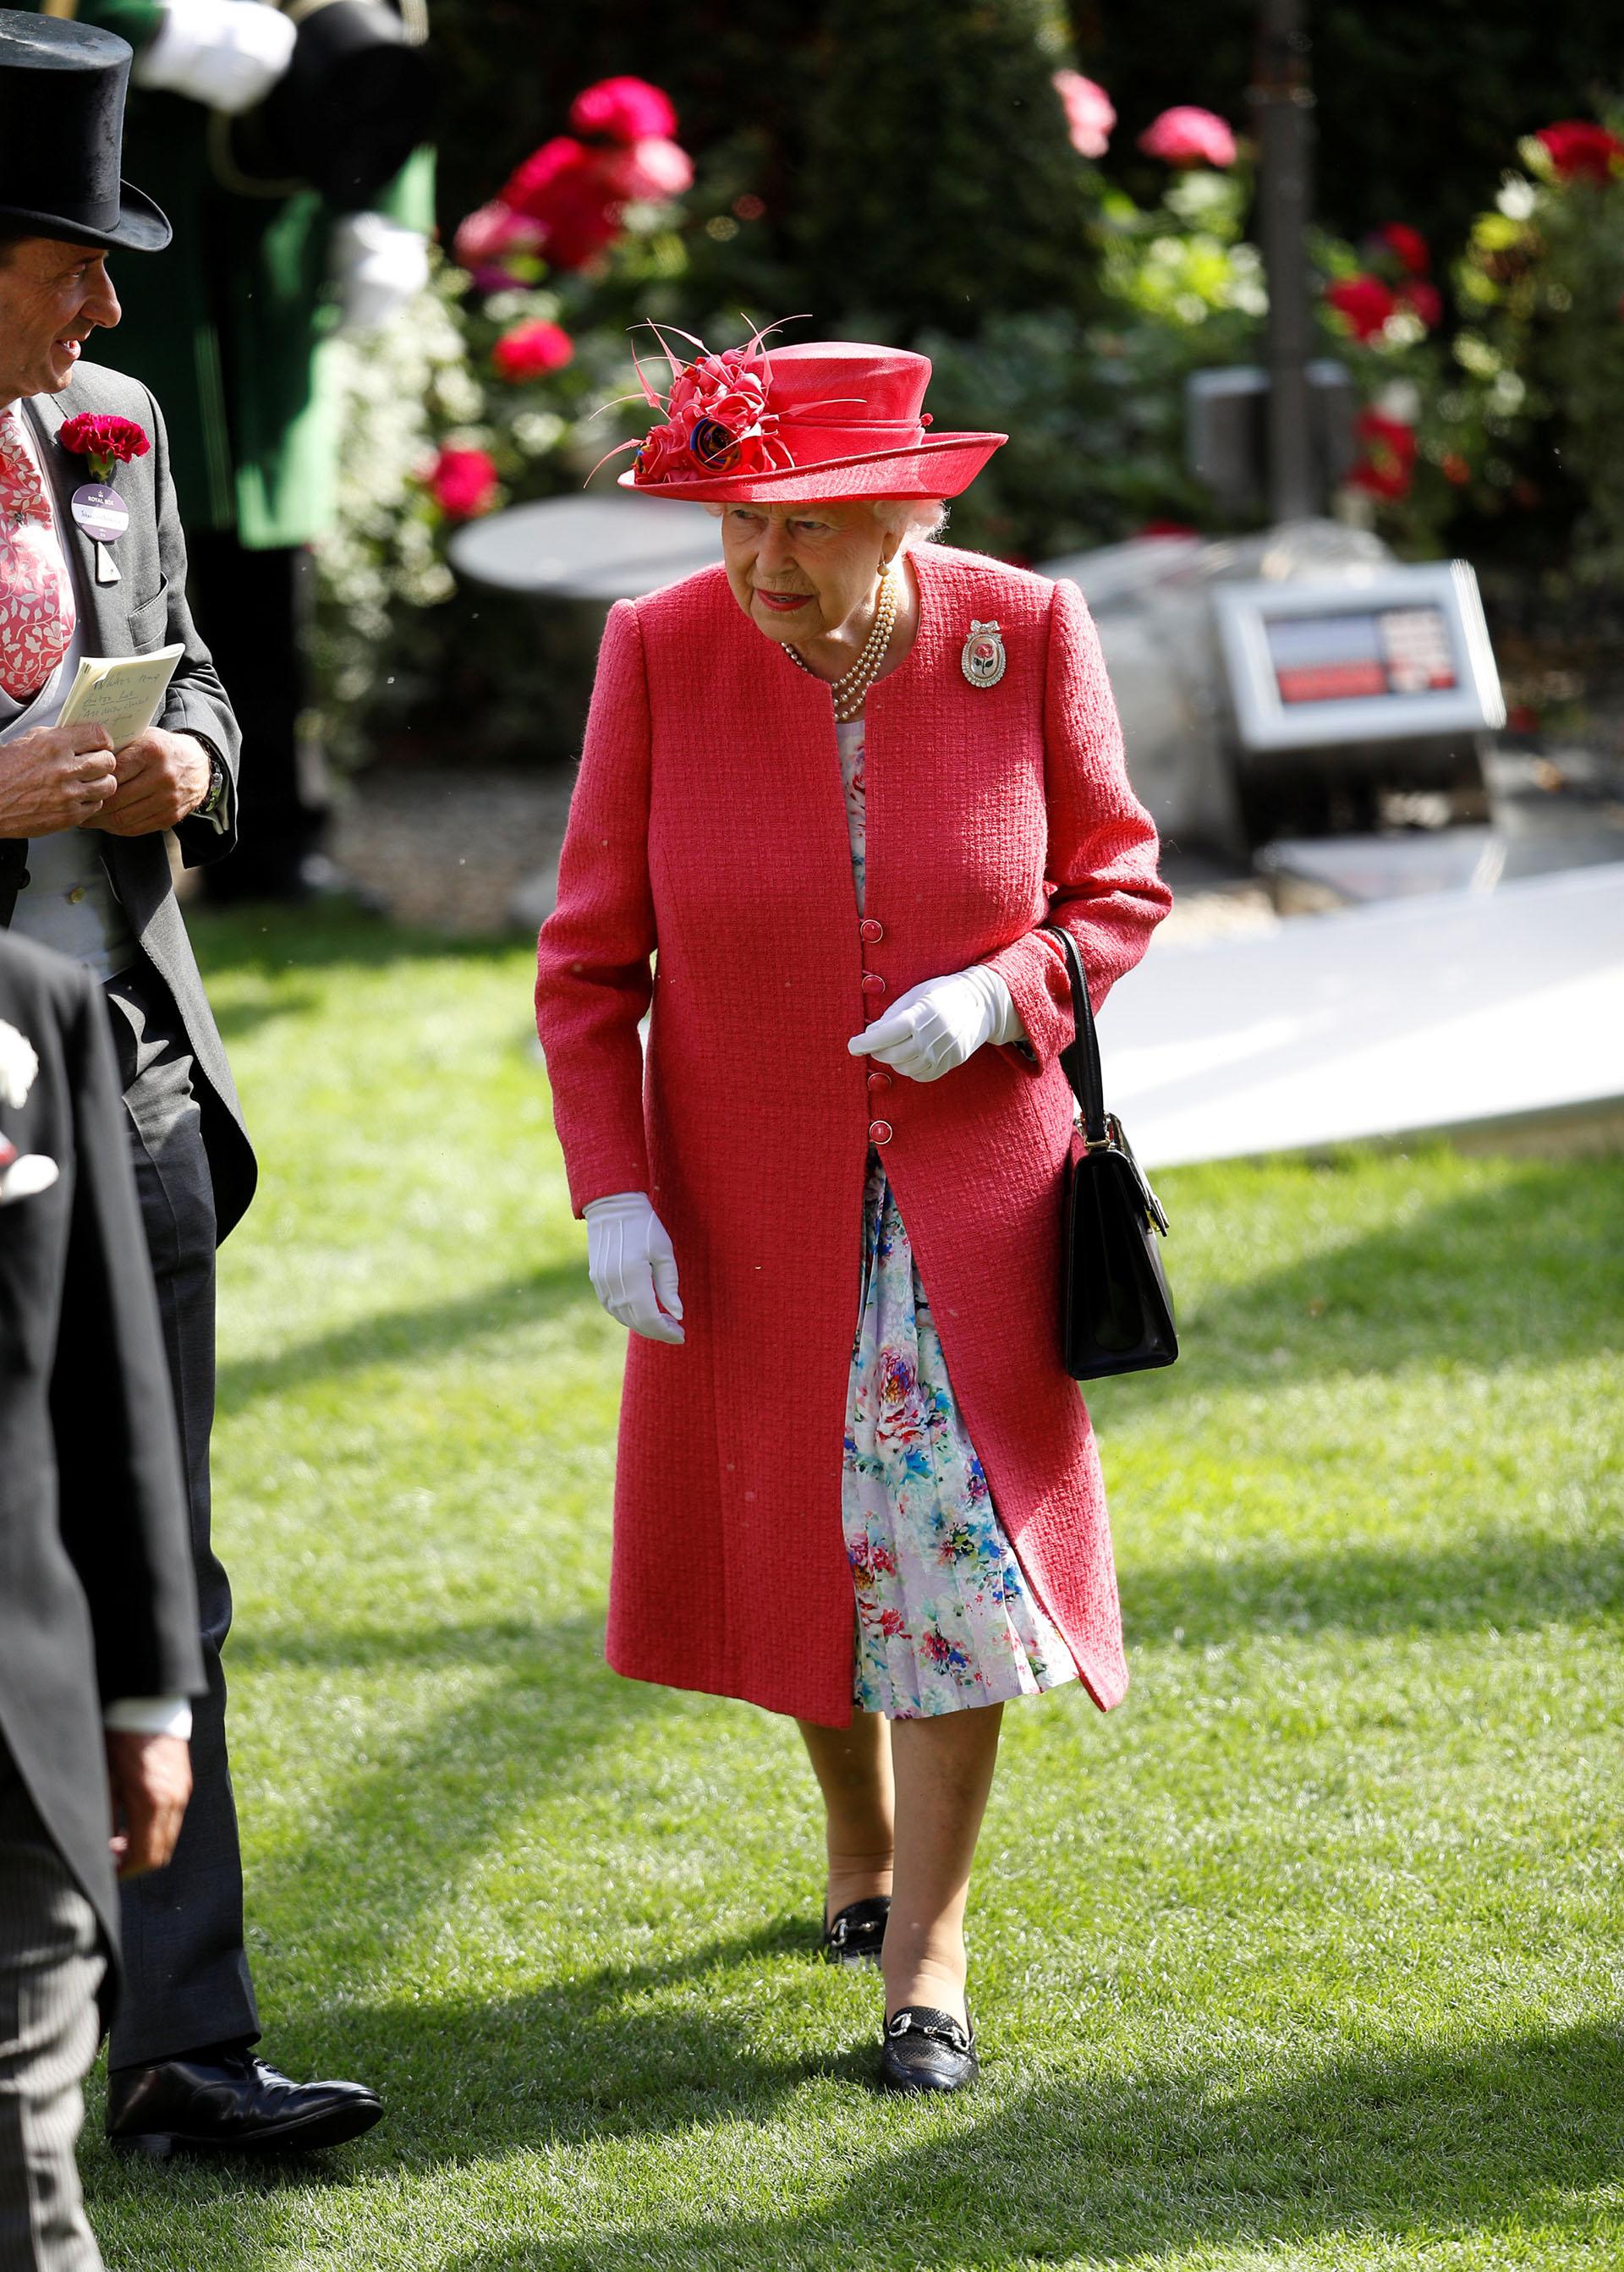 La reina lució un tapado rosa que hacía juego con su sombrero y dejaba ver un vestido con estampa floral